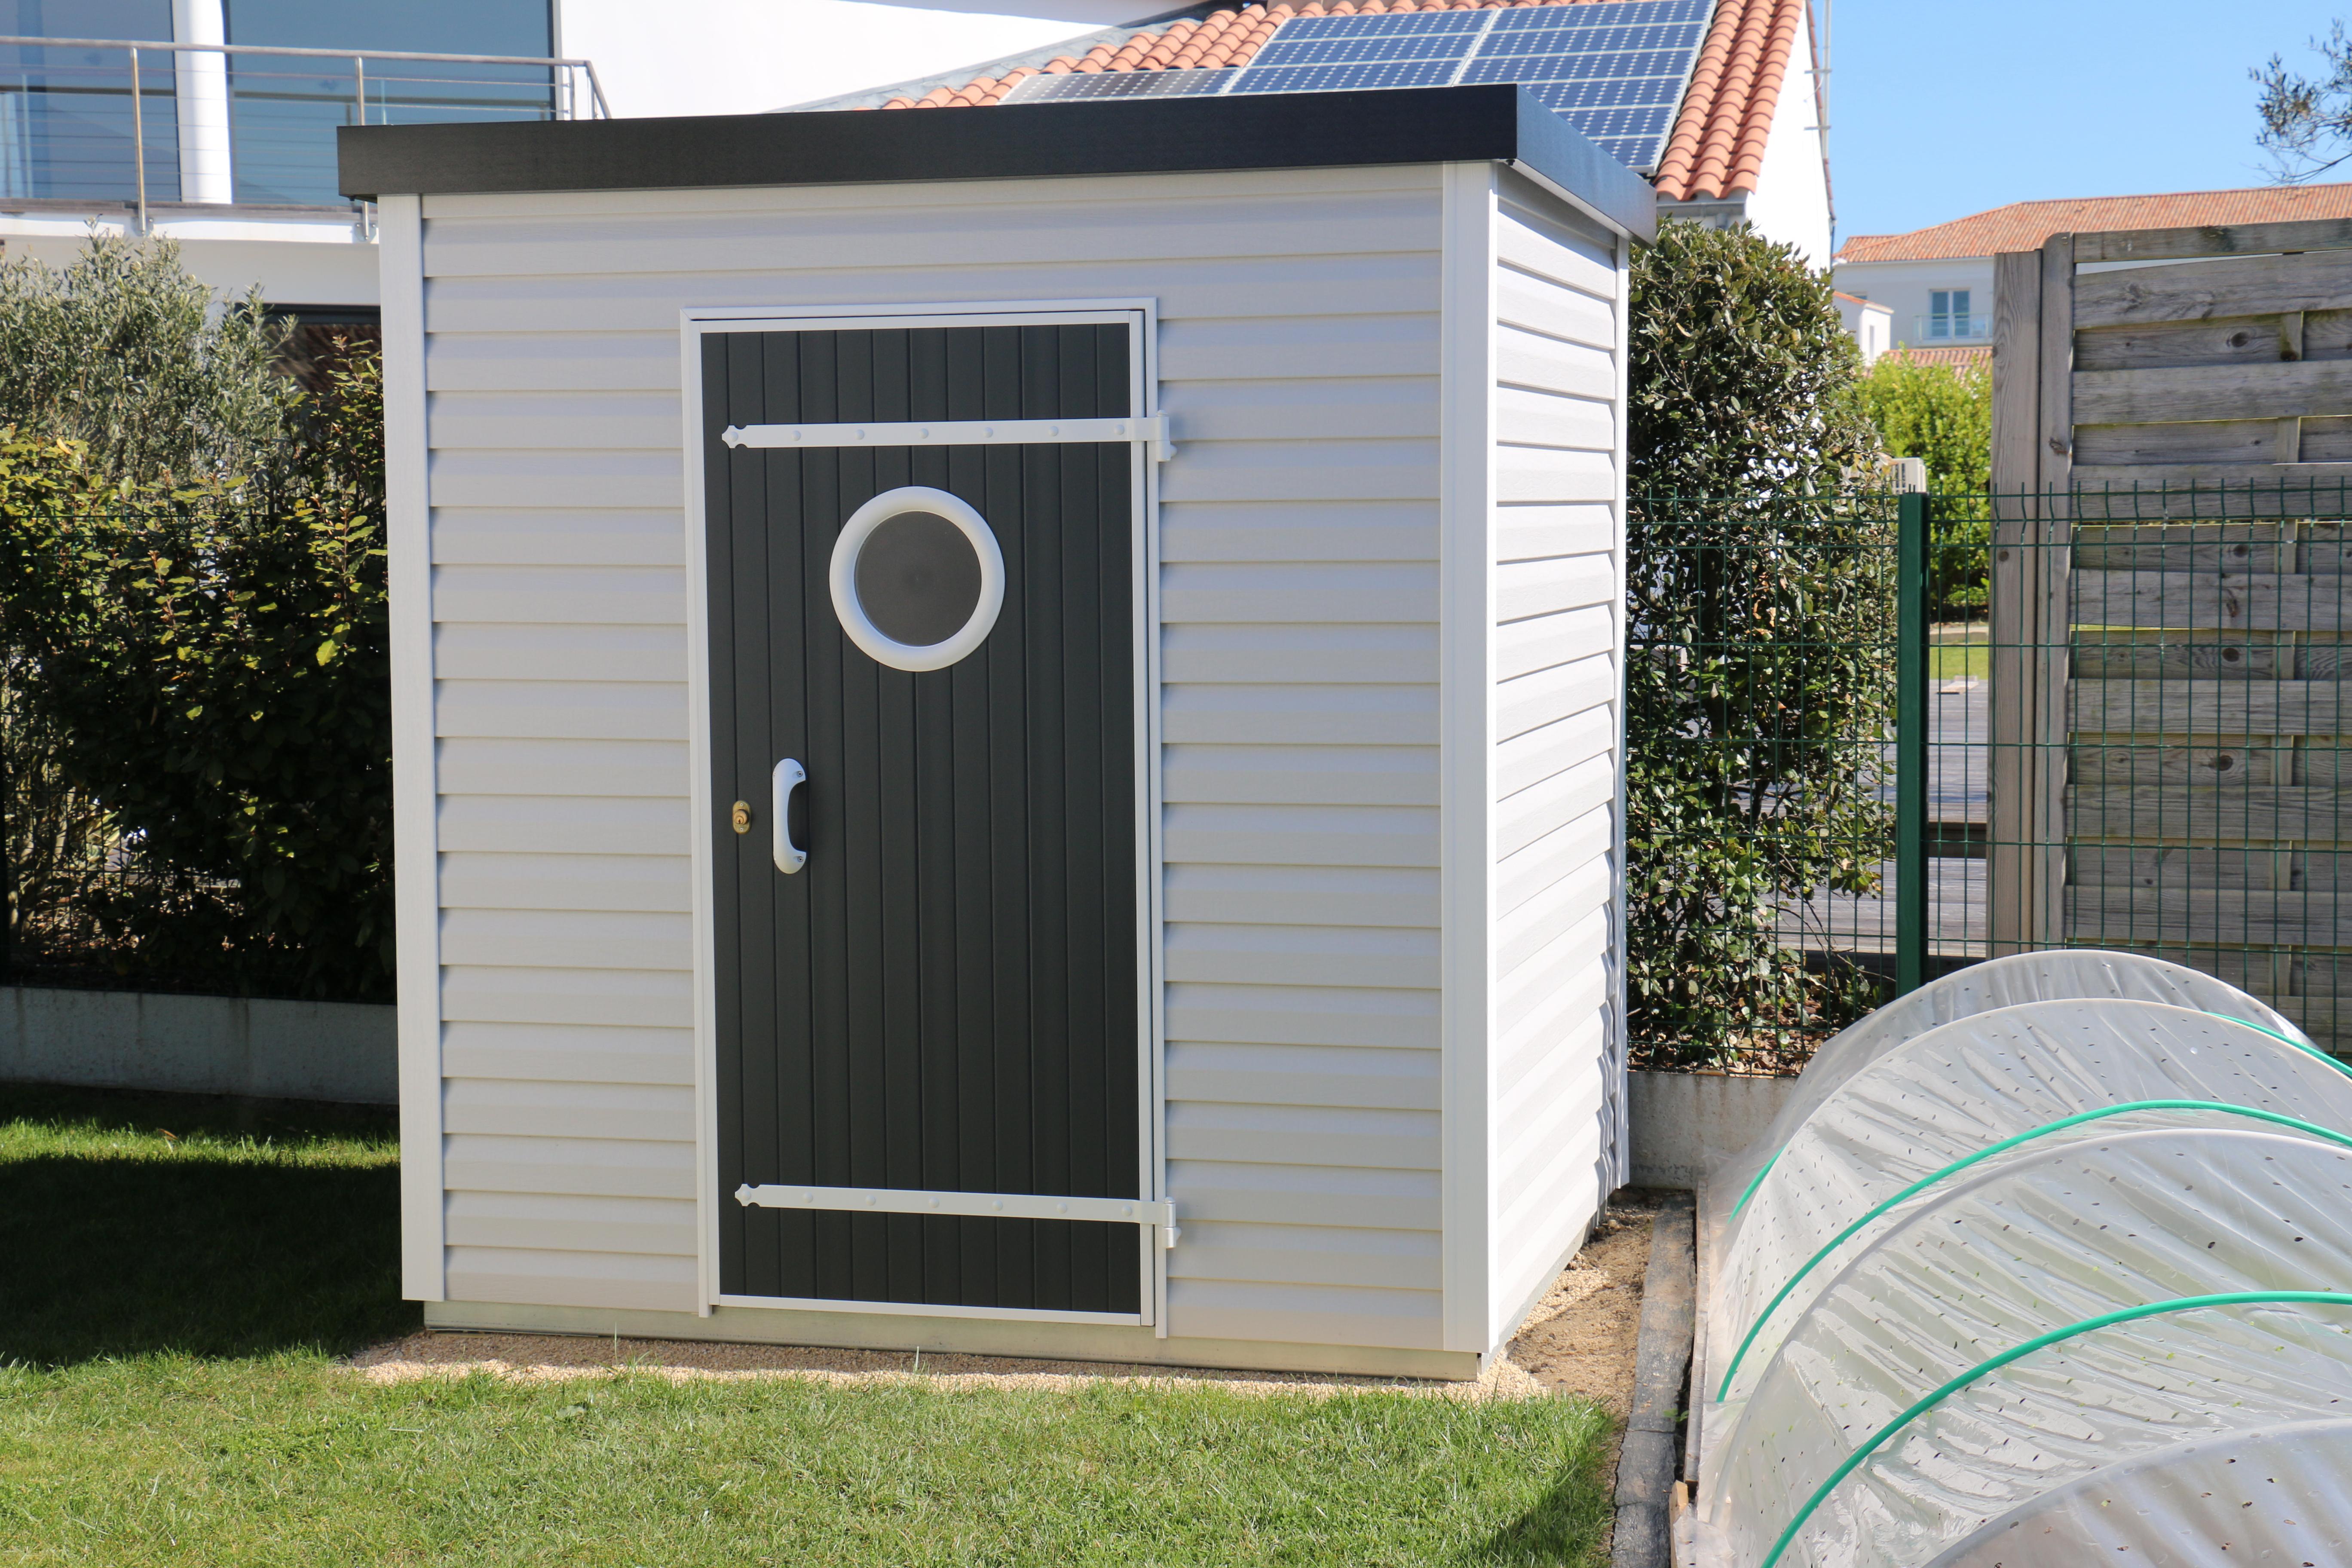 Abri De Jardin Design Toit Plat 3,72 M² - Abri Pvc < 10 M² Nea Concept avec Abri Jardin Toit Plat